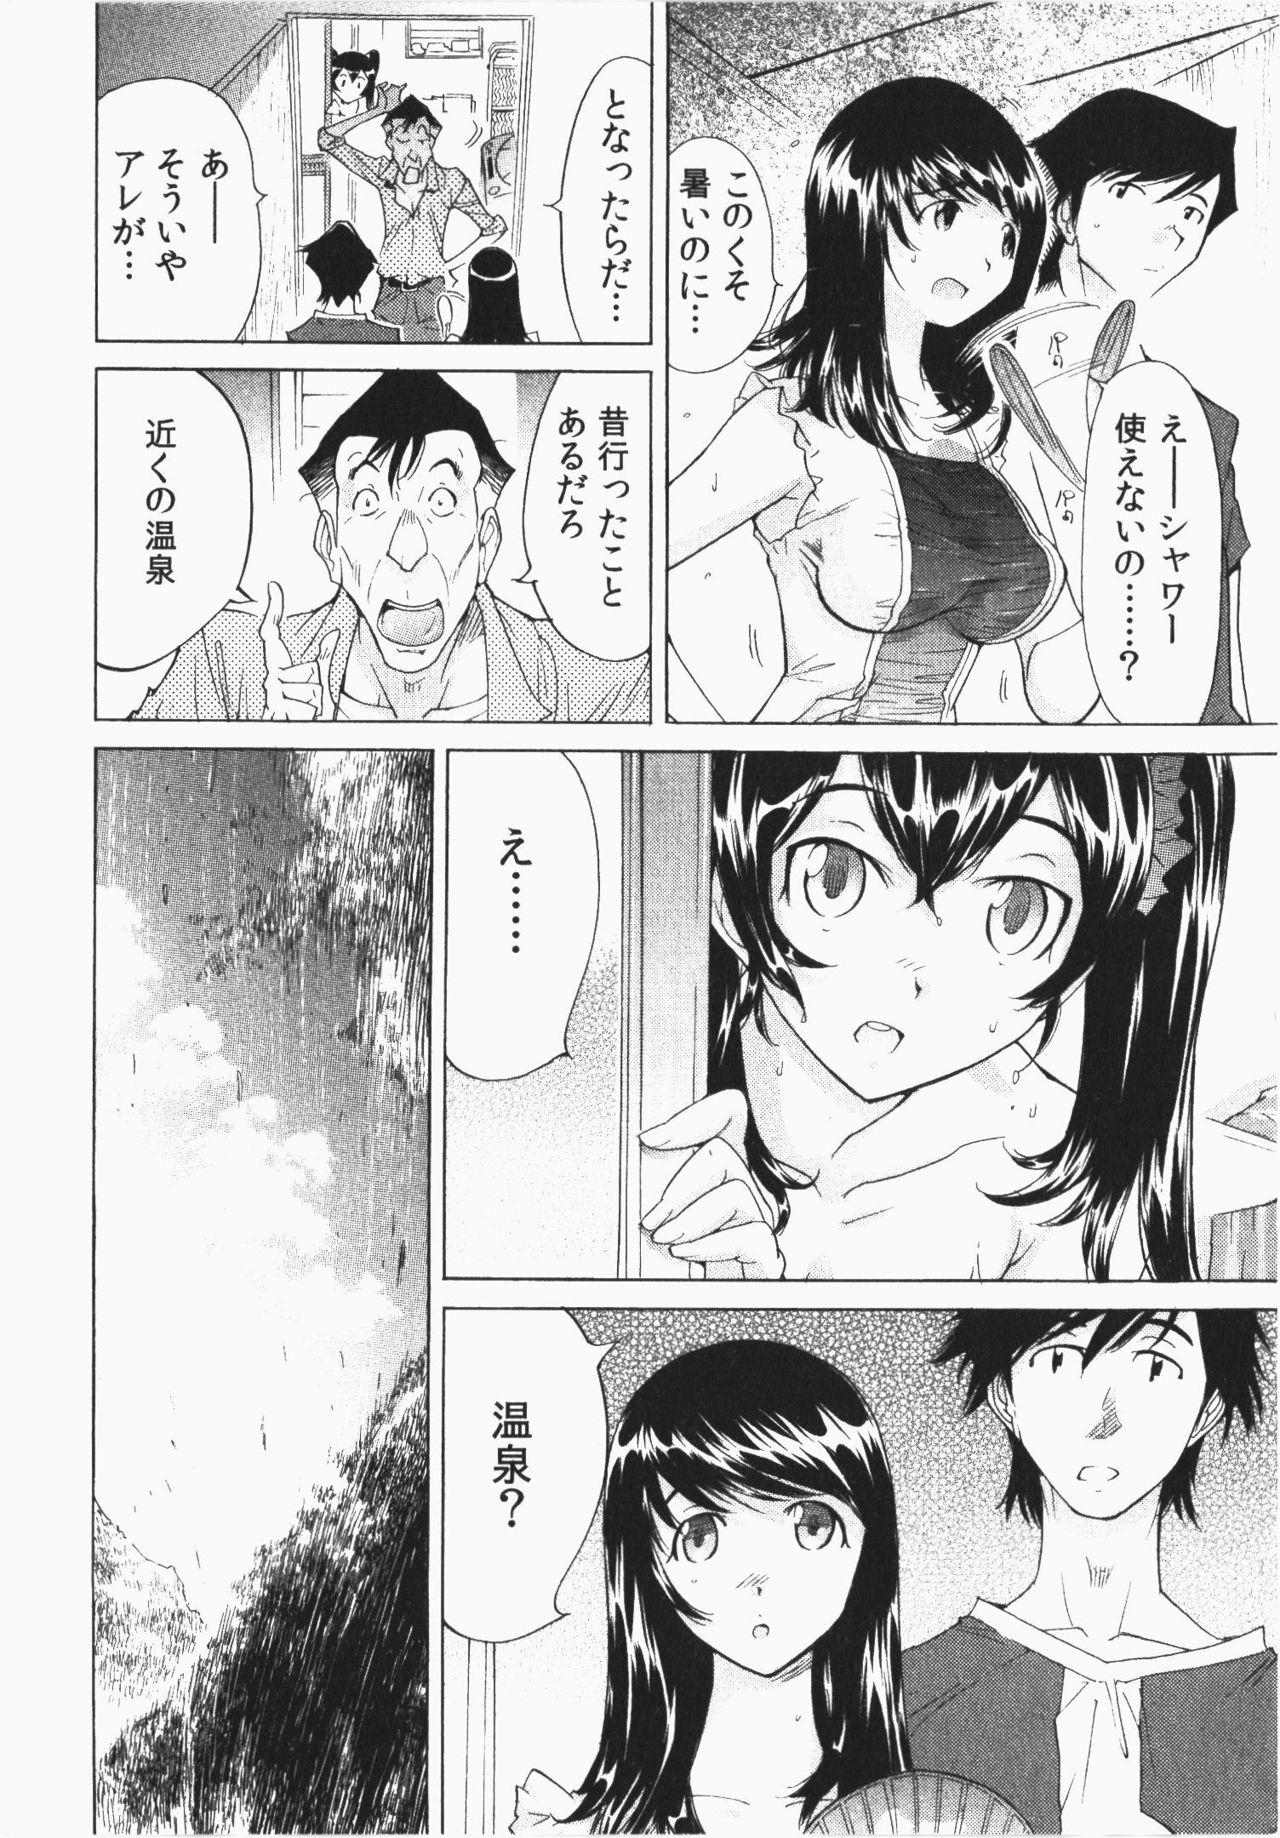 Ukkari Haicchatta! Itoko to Micchaku Game Chuu 69